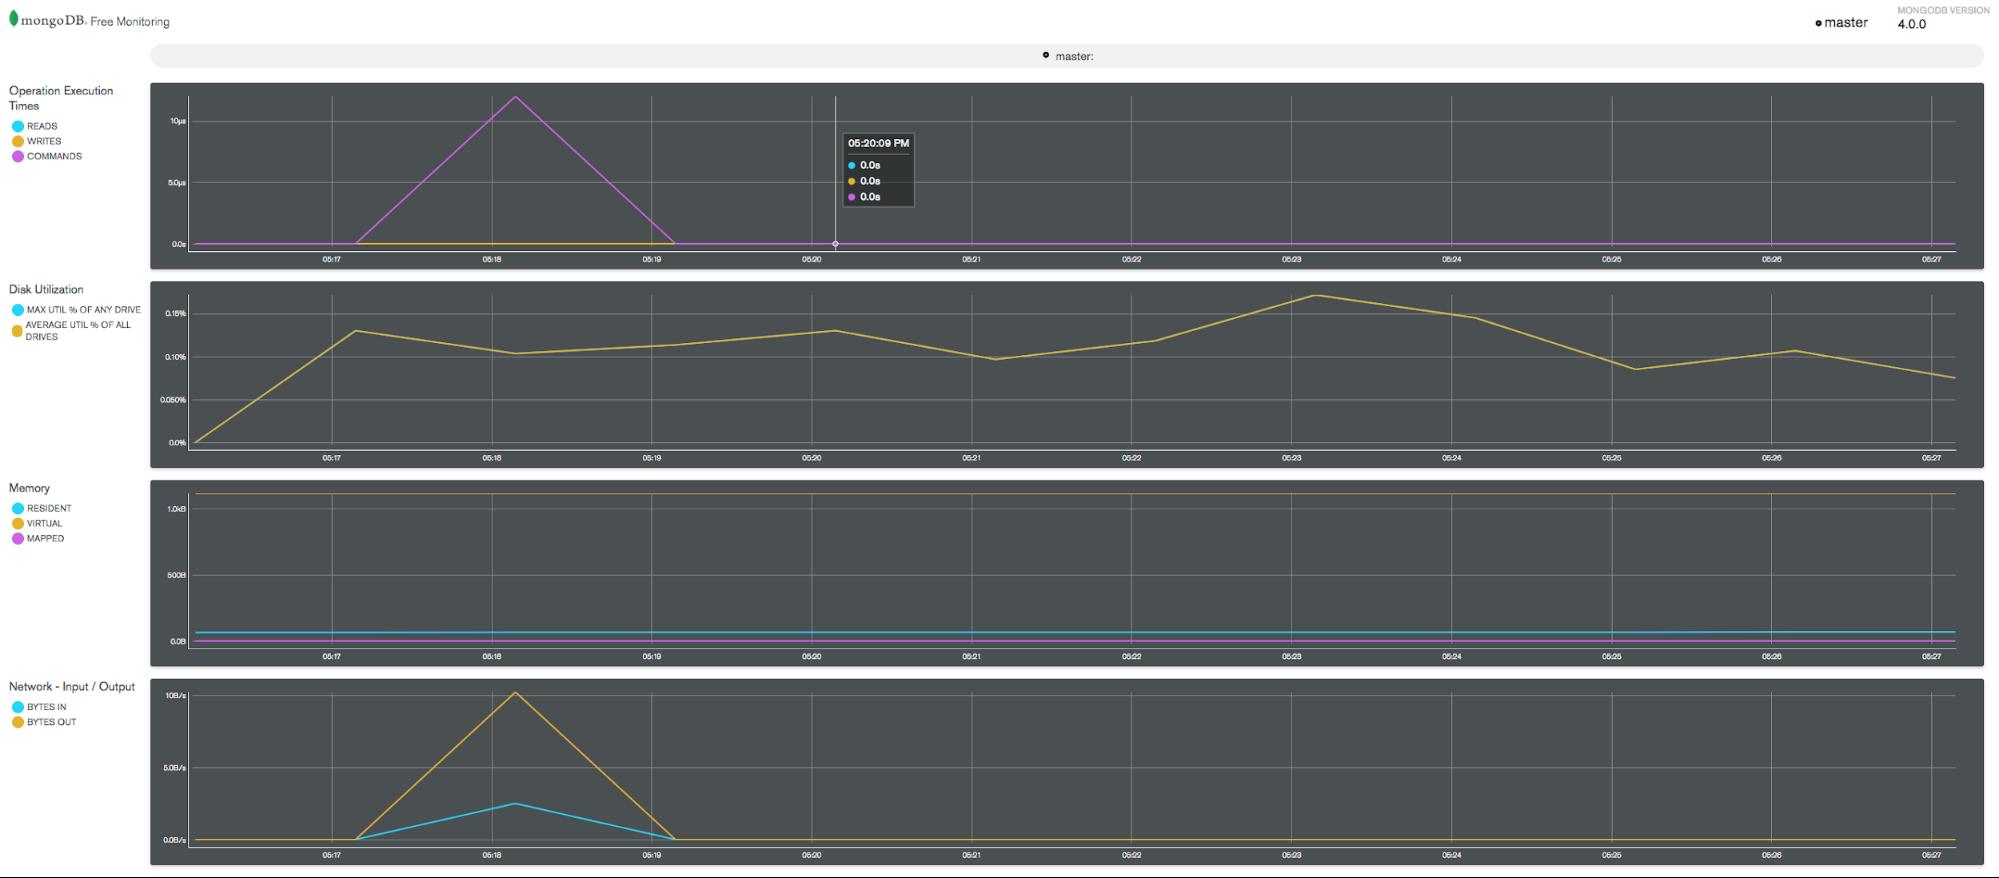 MongoDB Free Monitoring Charts